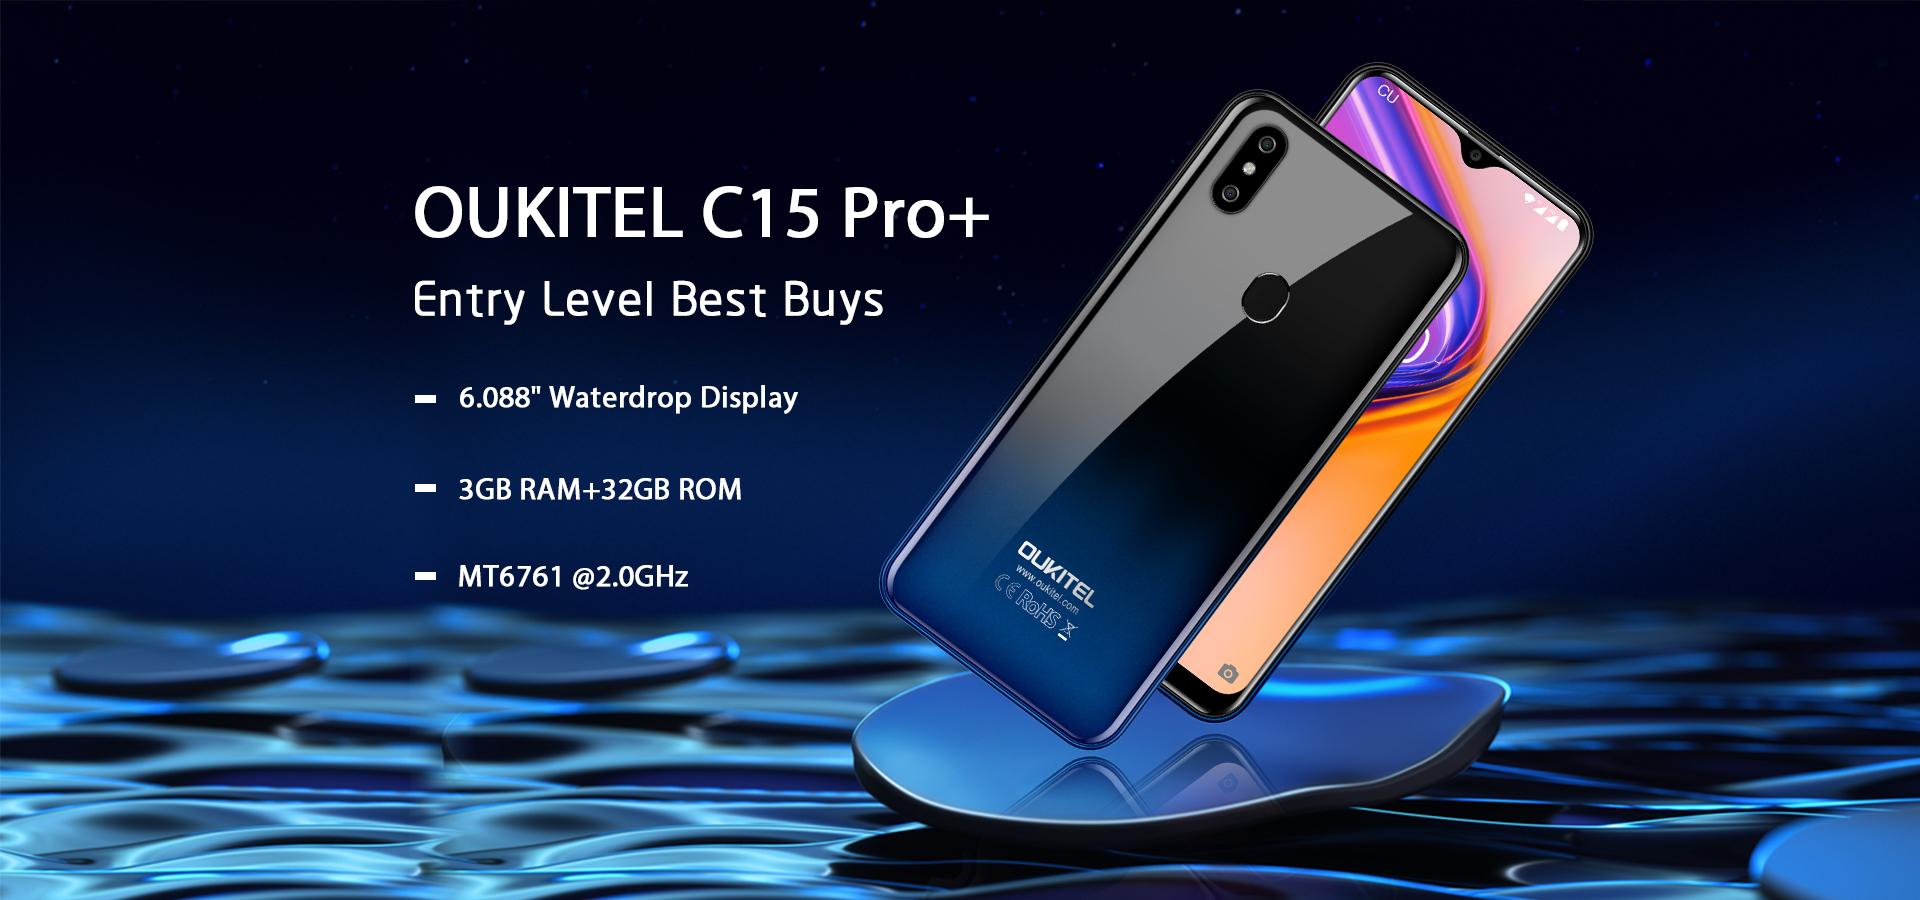 Снимка: OUKITEL C15 Pro+: смартфон с 3 GB RAM, 32 GB ROM и цена едва $75